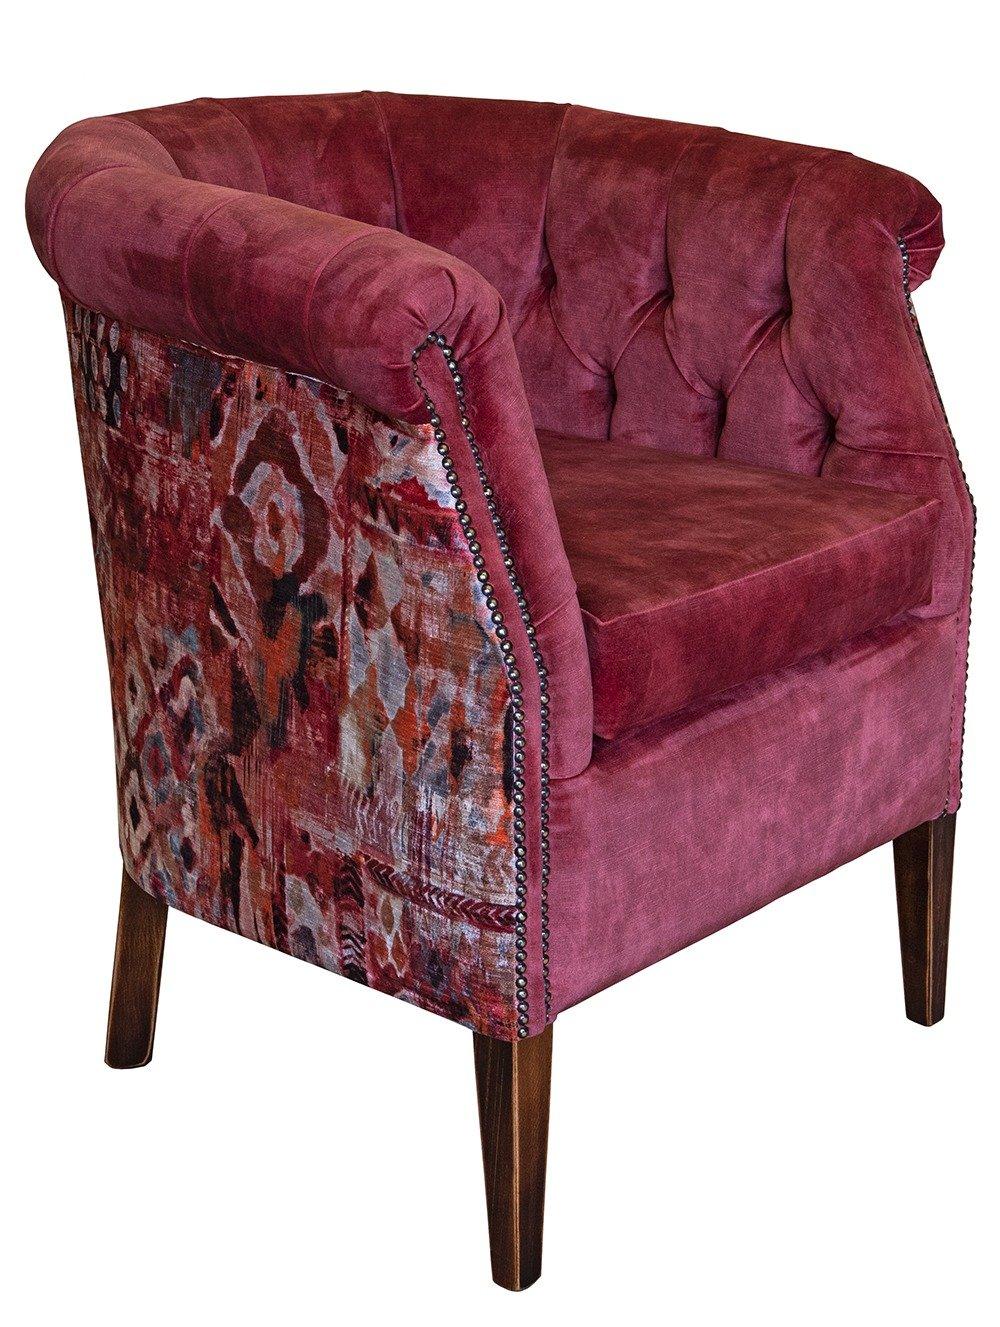 Rutland Tub Chairs